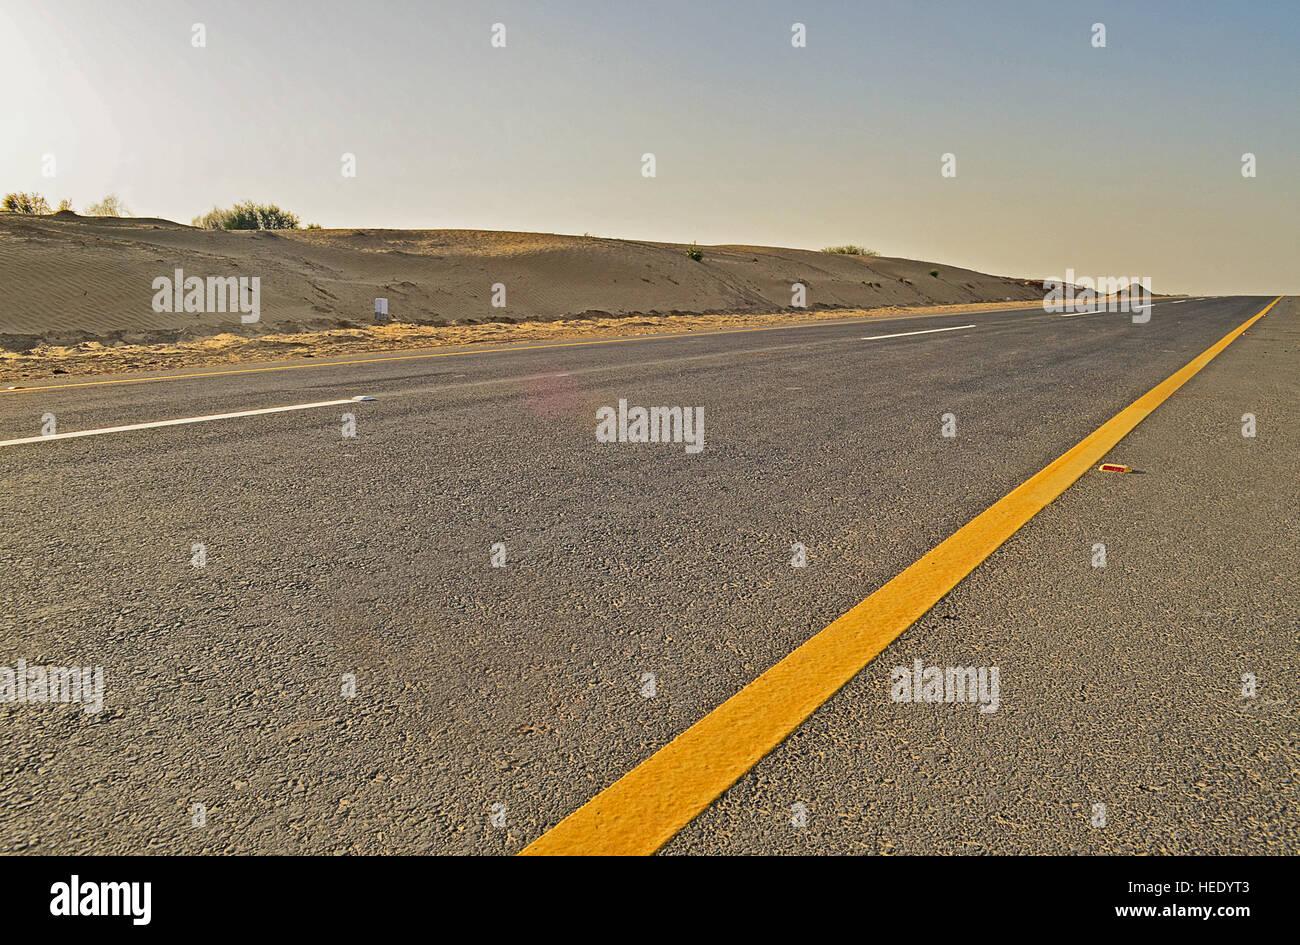 An empty road in a desert terrain - Stock Image